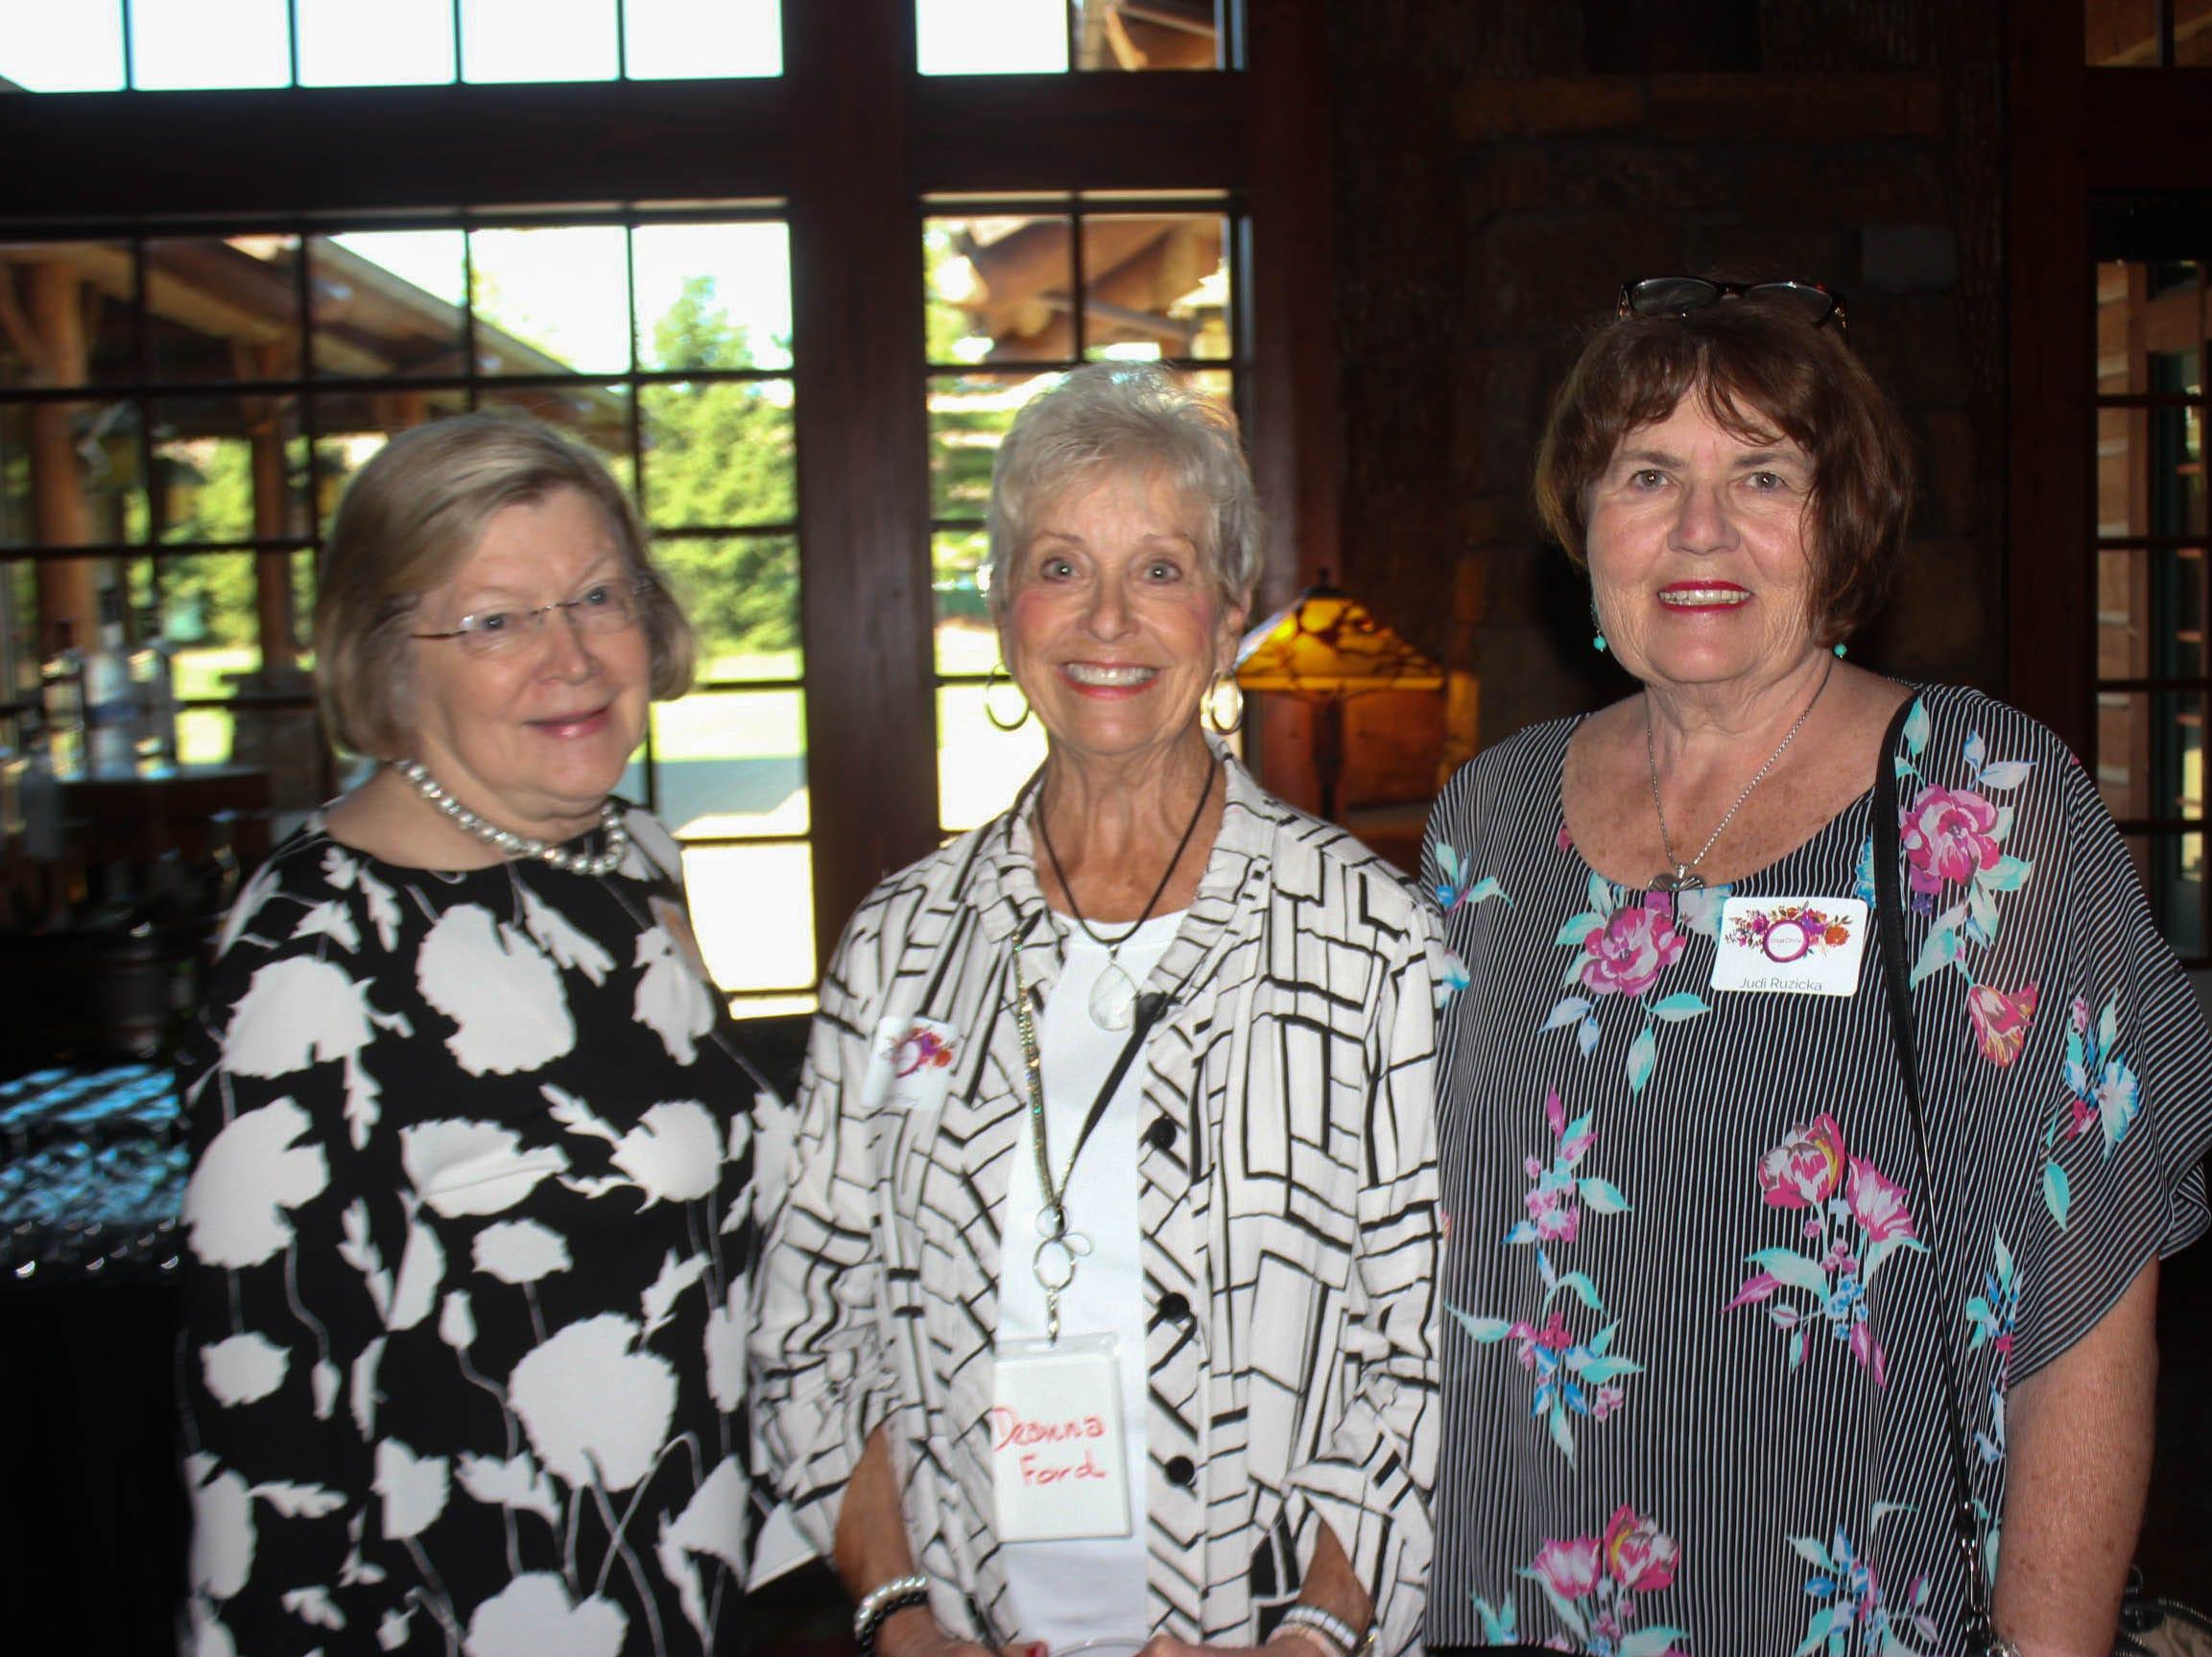 Kathy Griesmer, Deanna Ford, and Judy Ruzika